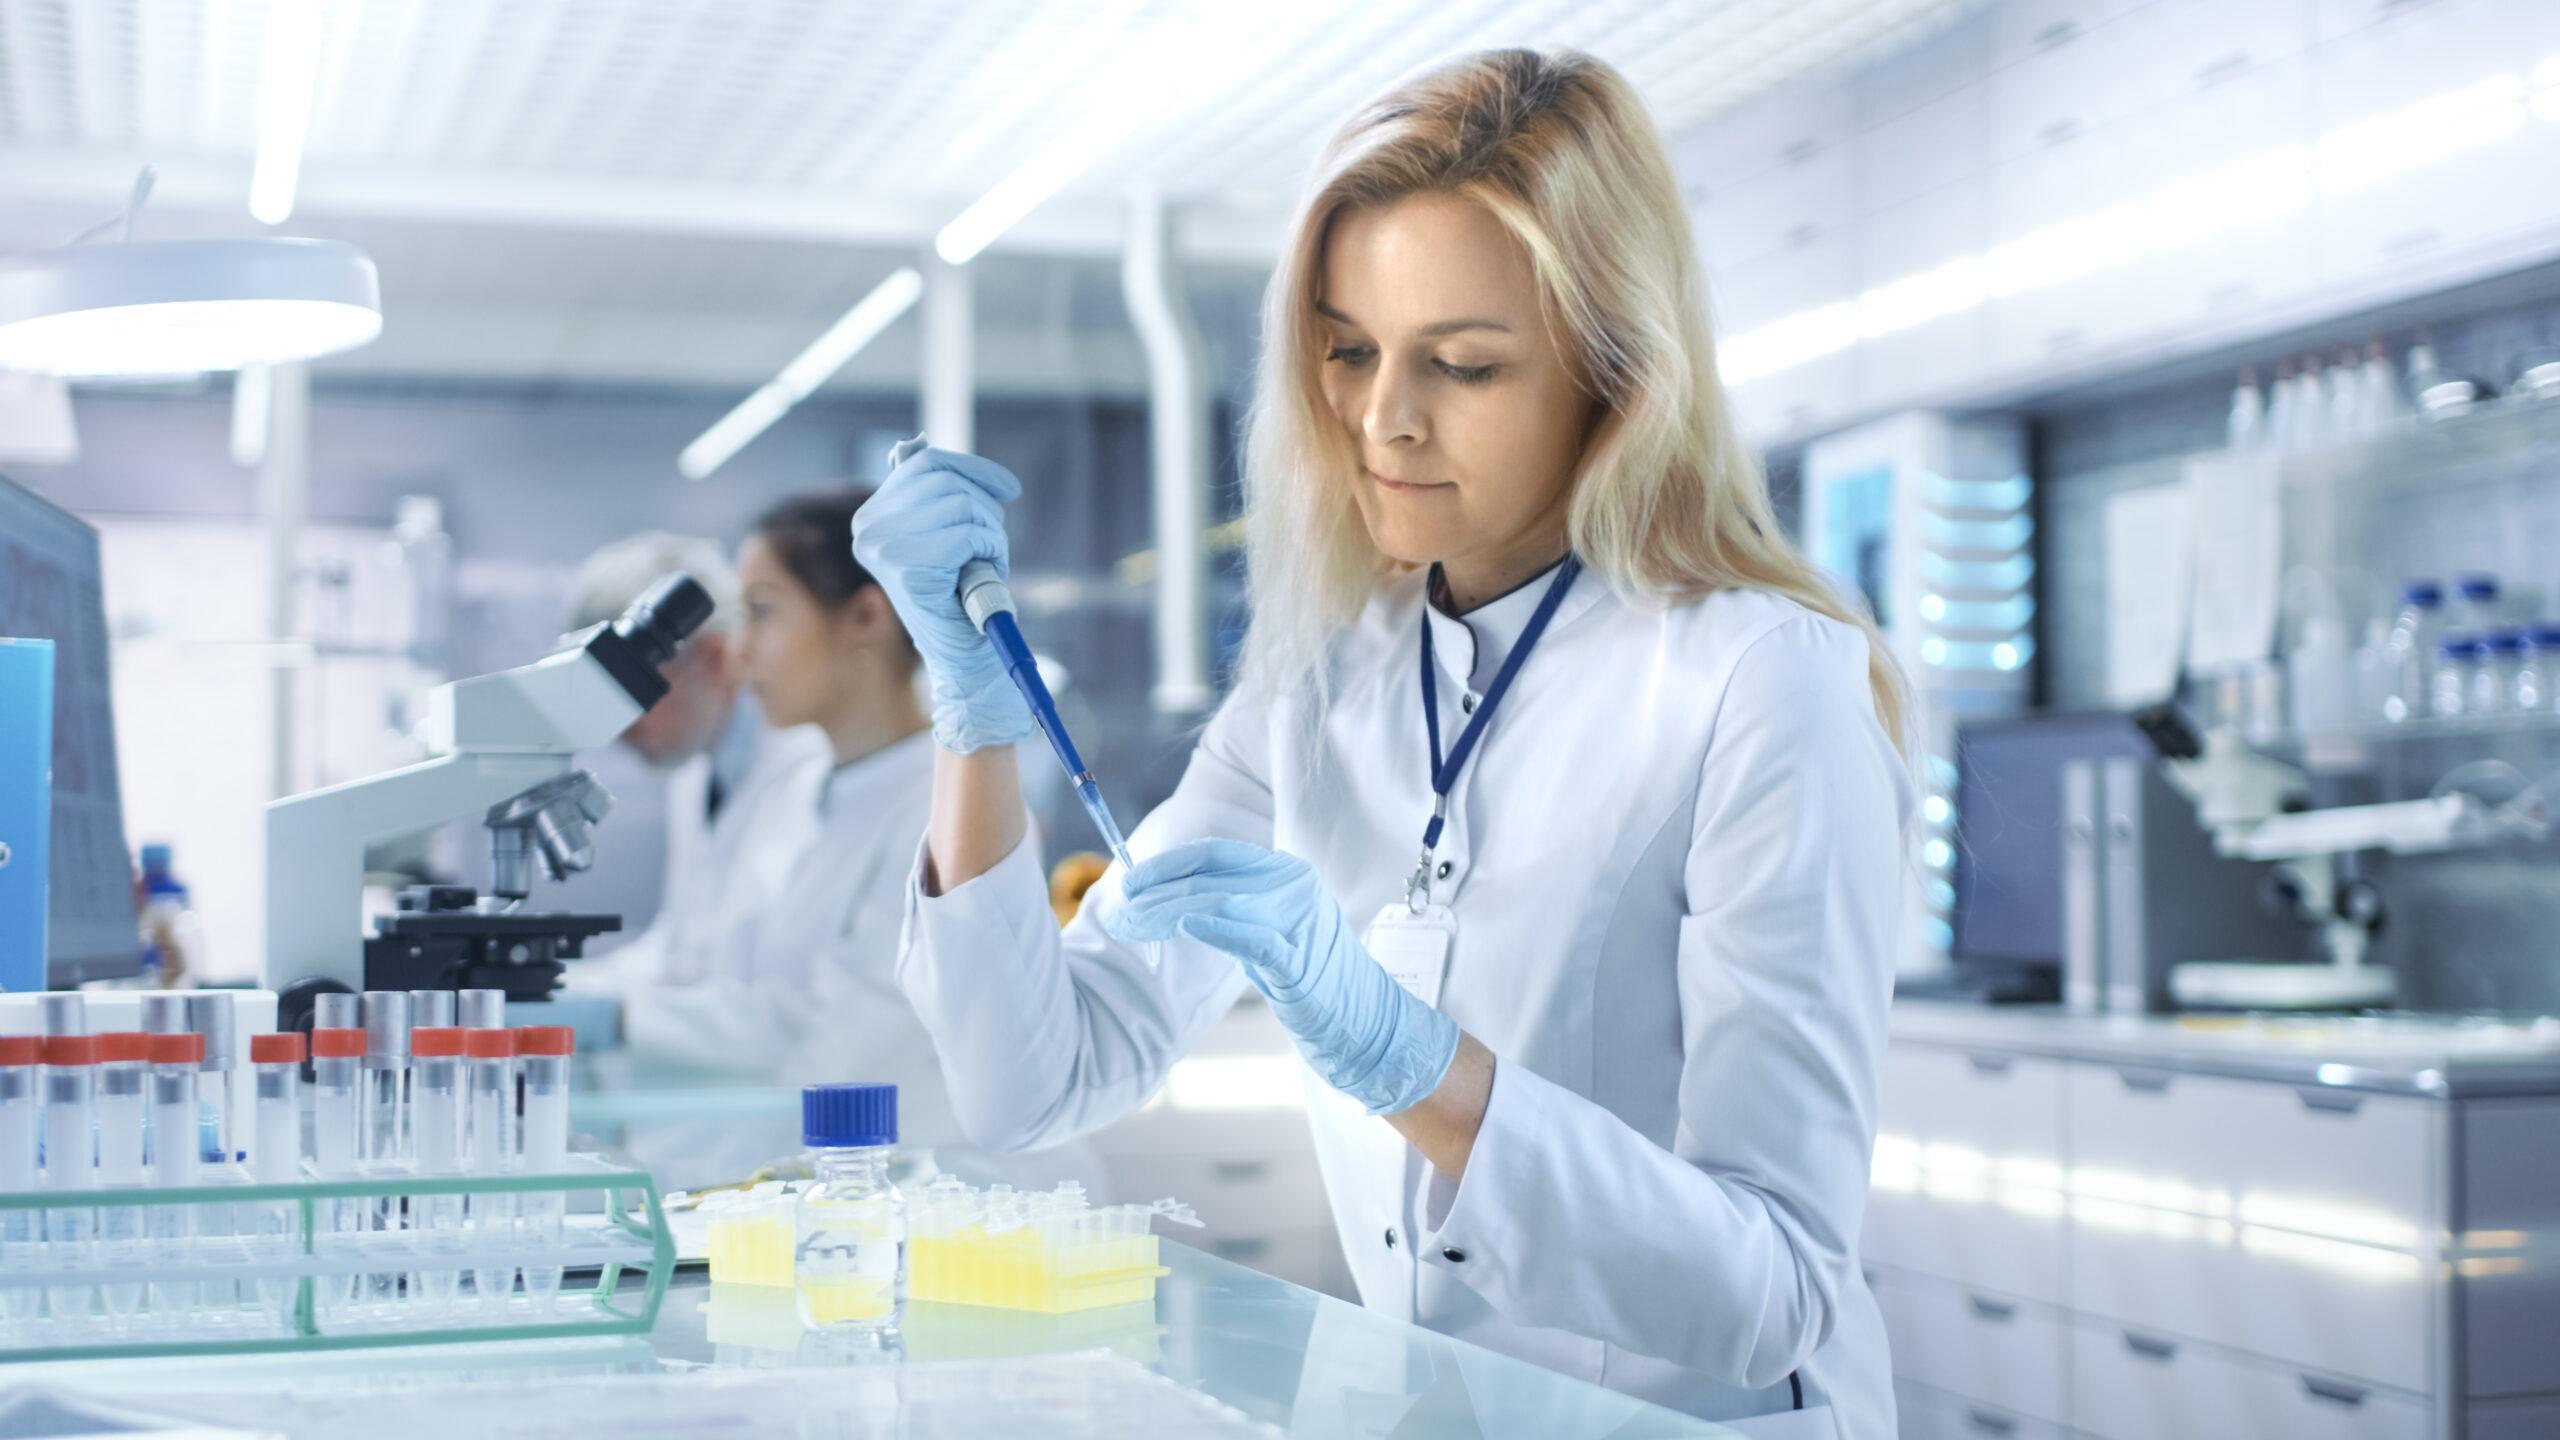 10_lab scientist woman_691548586